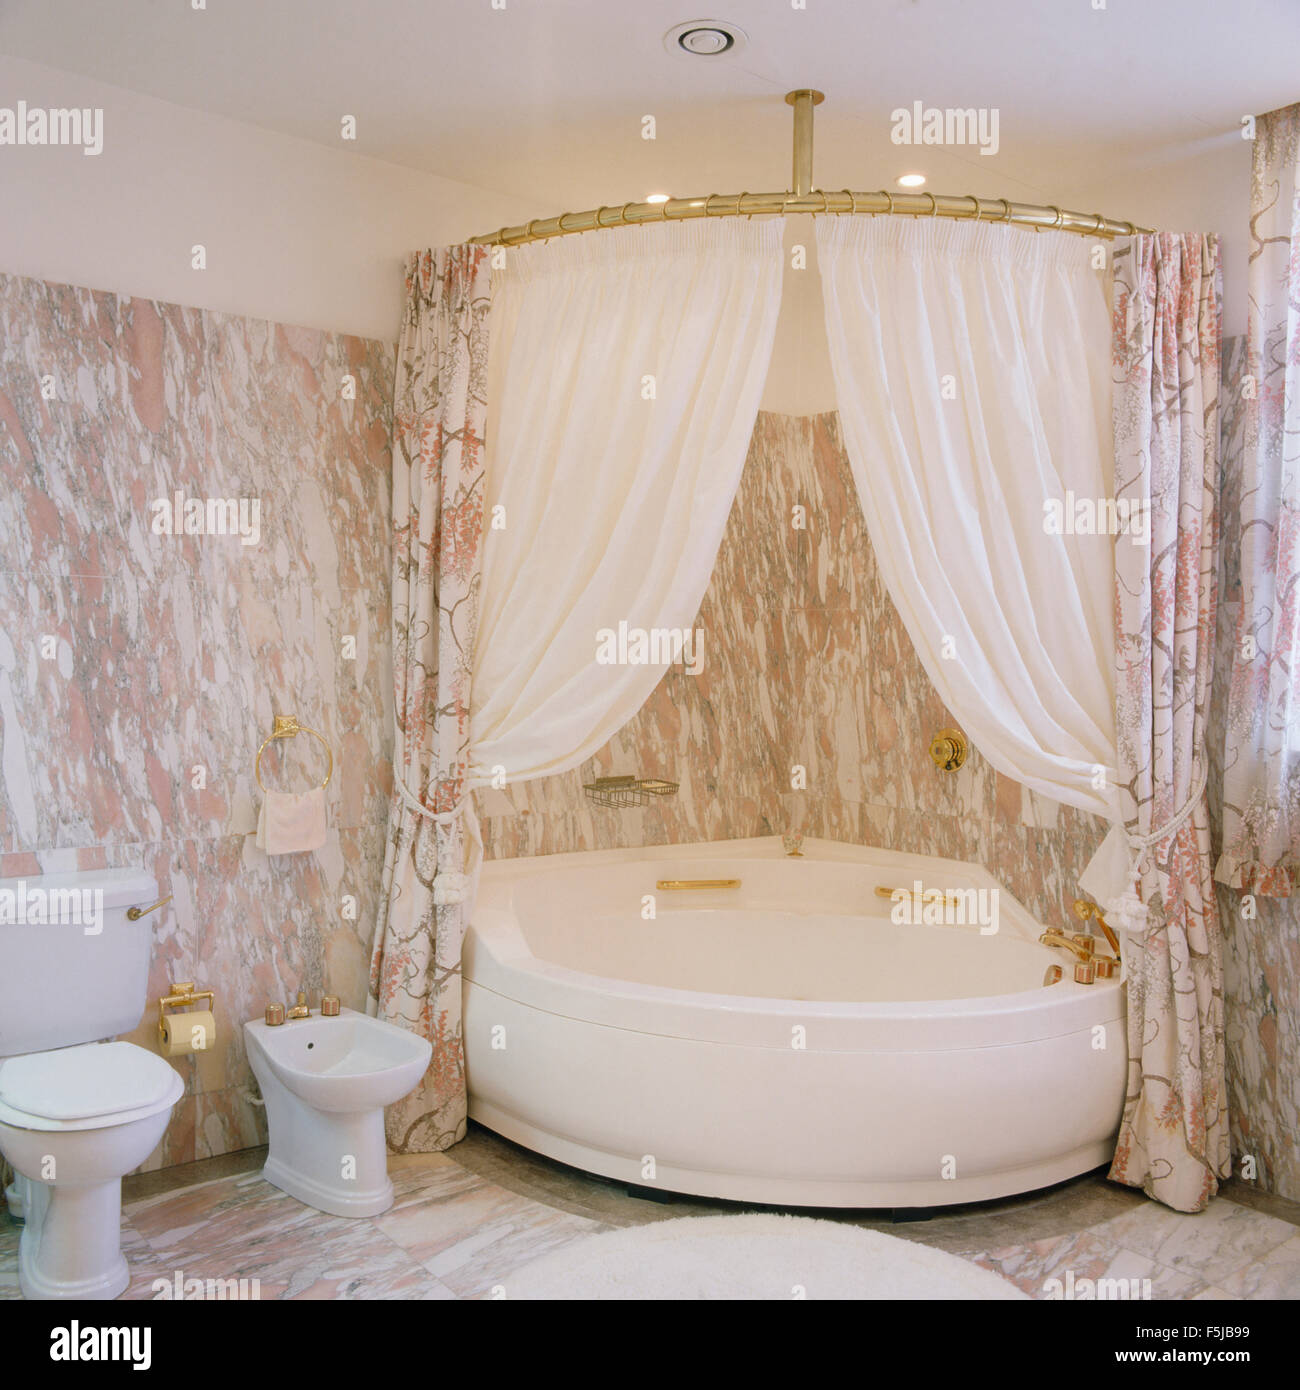 Duschvorhänge Auf Eckbadewanne Eine 80er Jahre Weiße Marmor Badezimmer